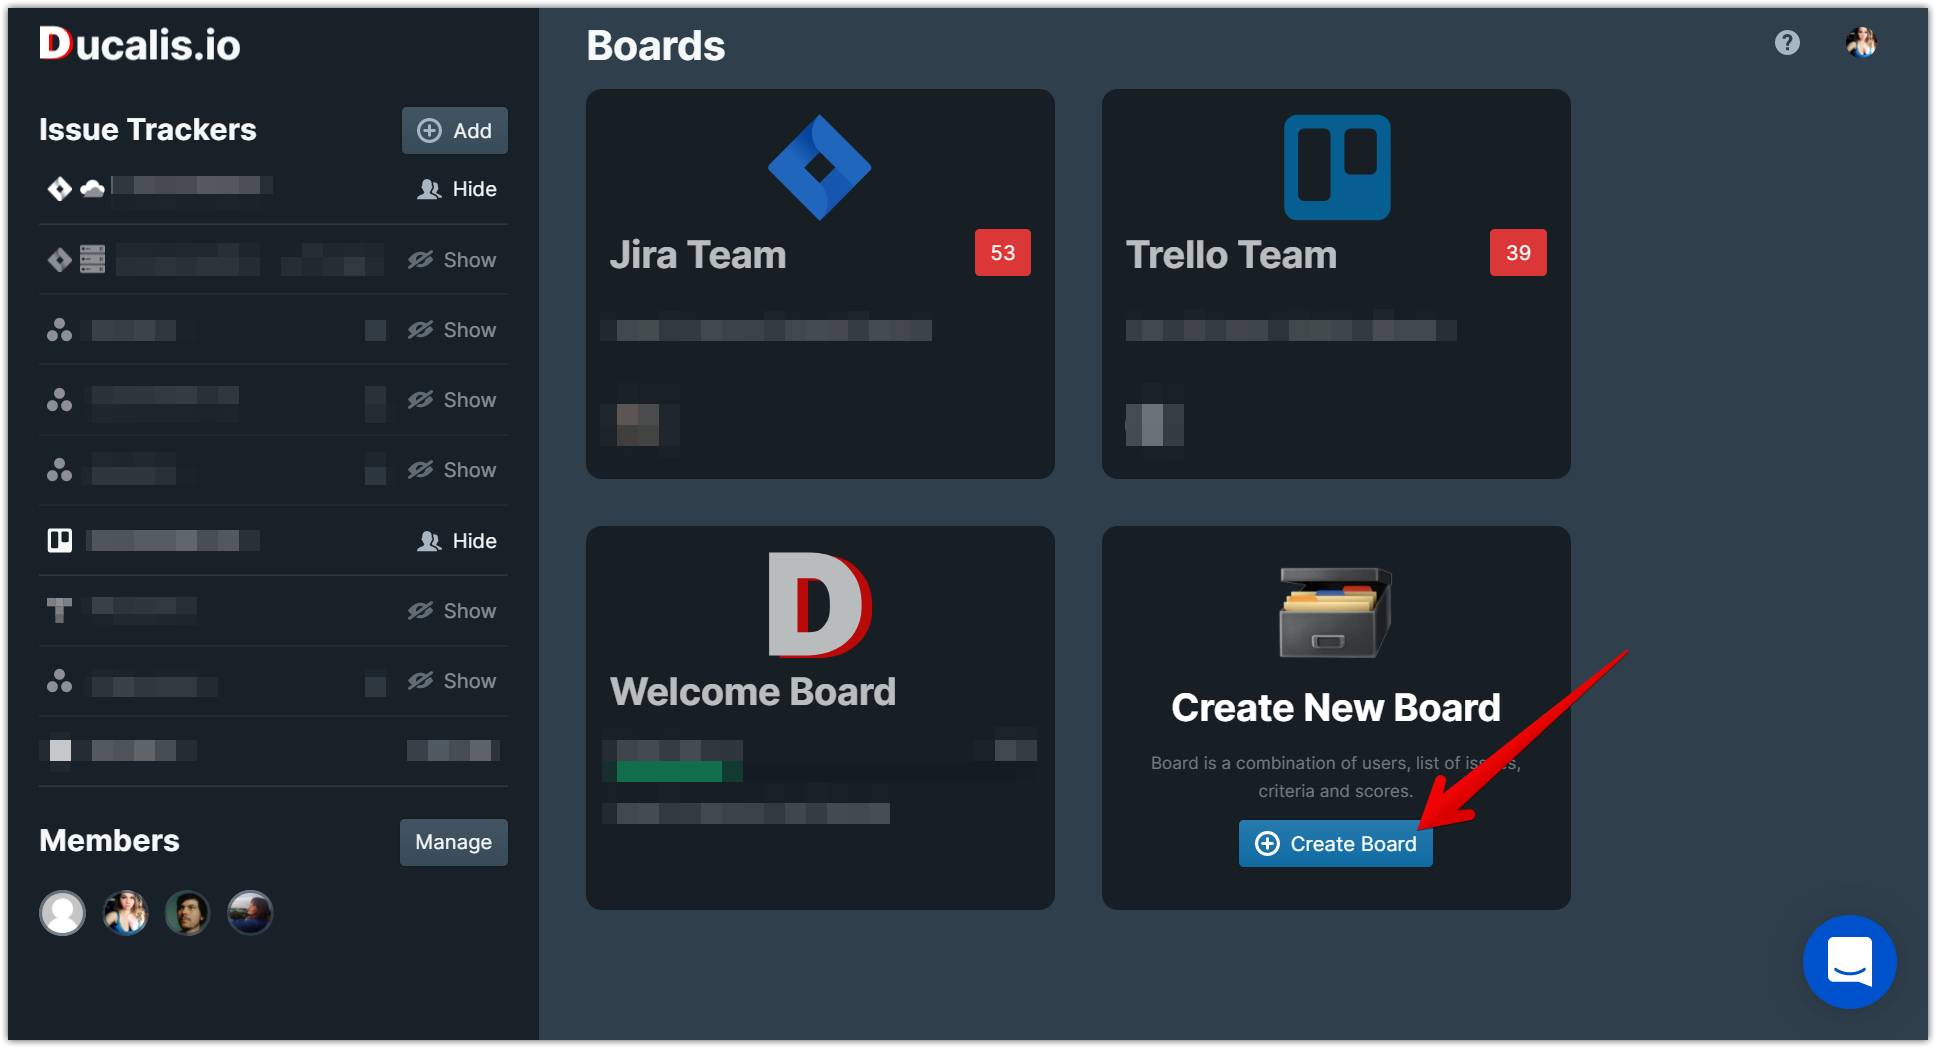 ducalis.io dashboard create new board